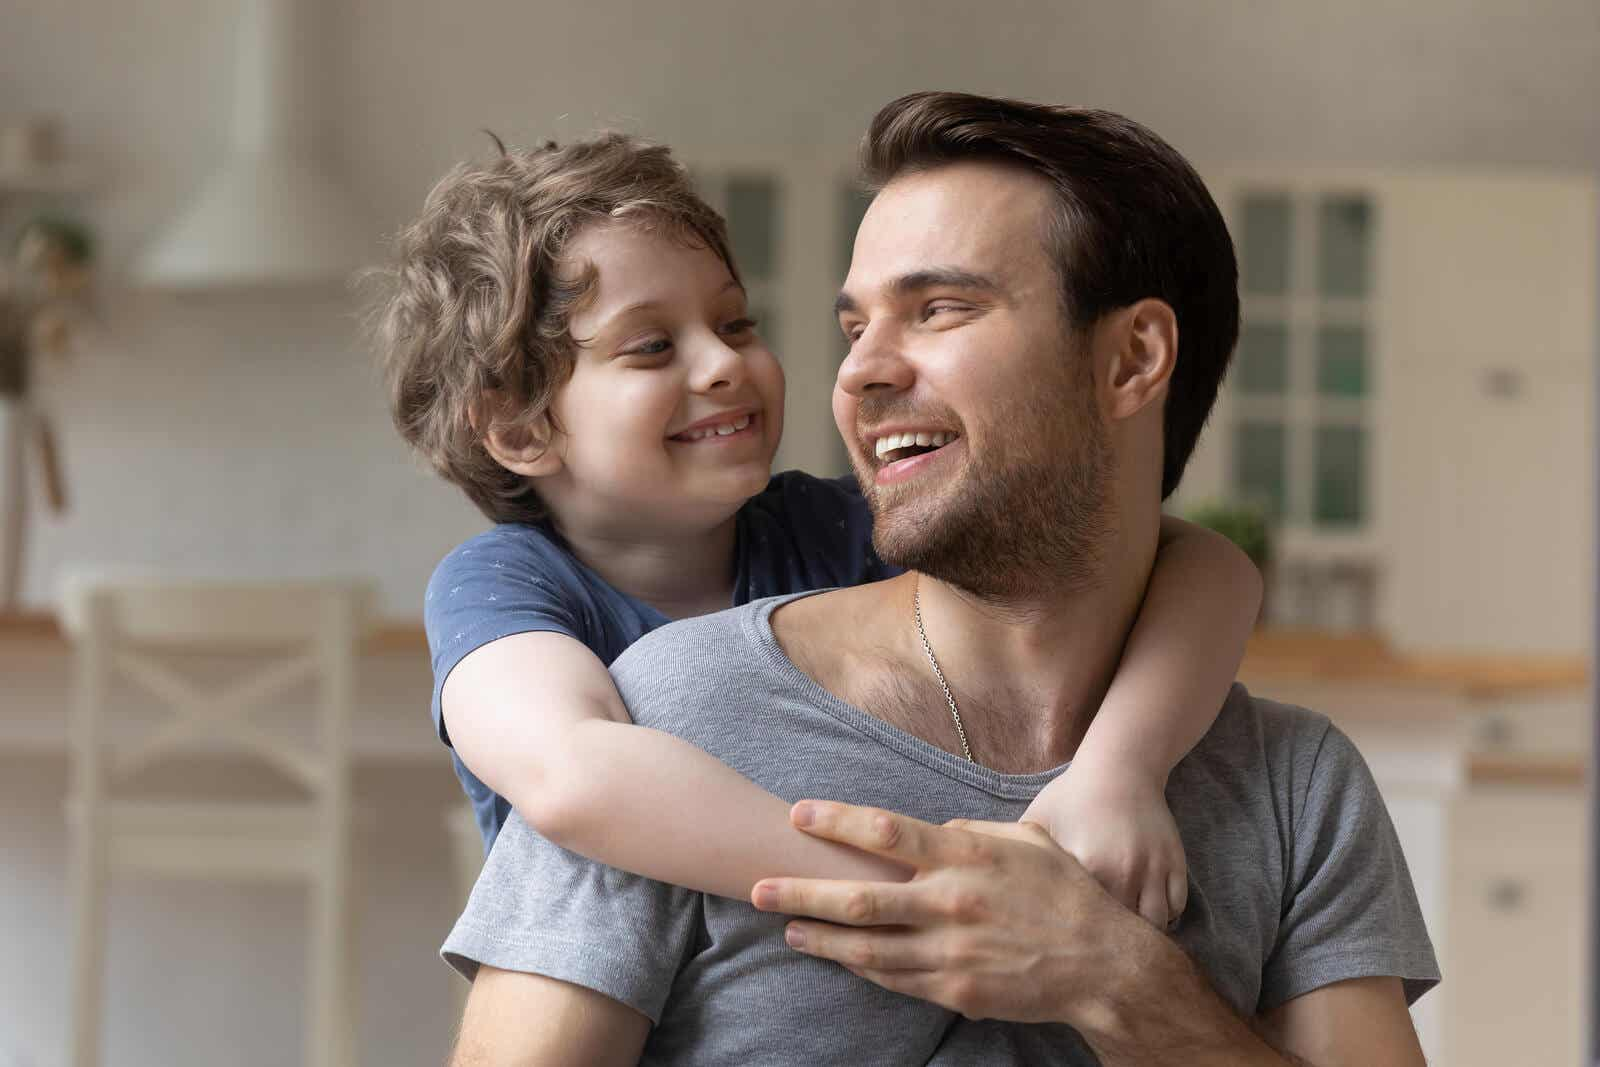 Een kind met zijn armen om de schouders van zijn vader terwijl ze naar elkaar glimlachen.